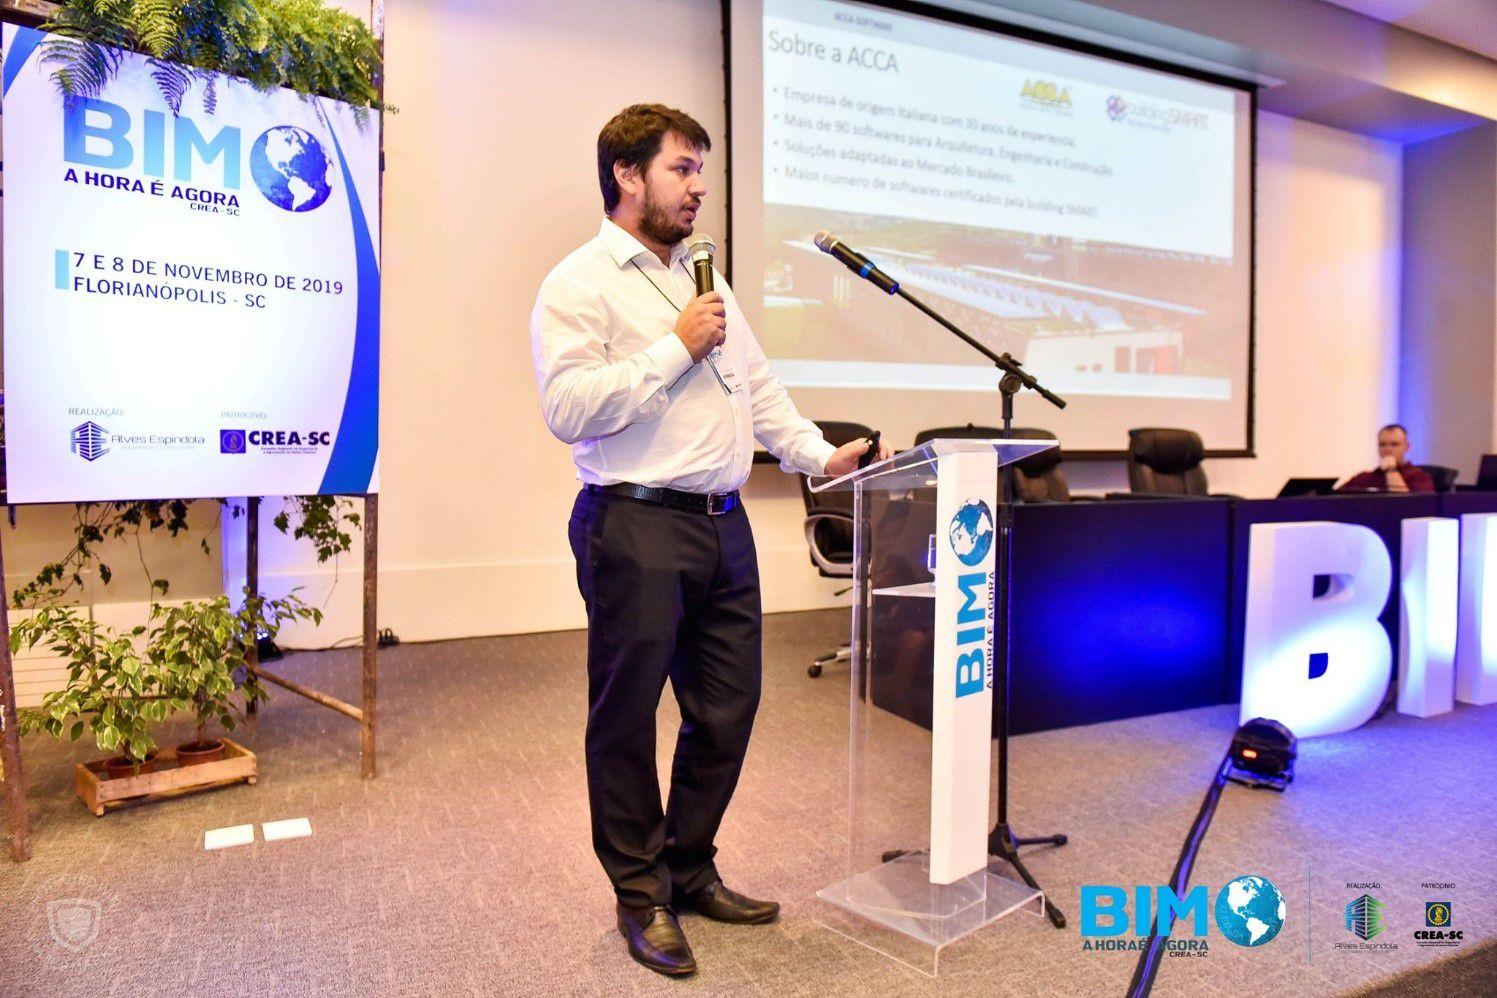 A foto mostra Alexandre Miranda da ACCA software ministrando uma palestra sobre BIM em Santa Catarina